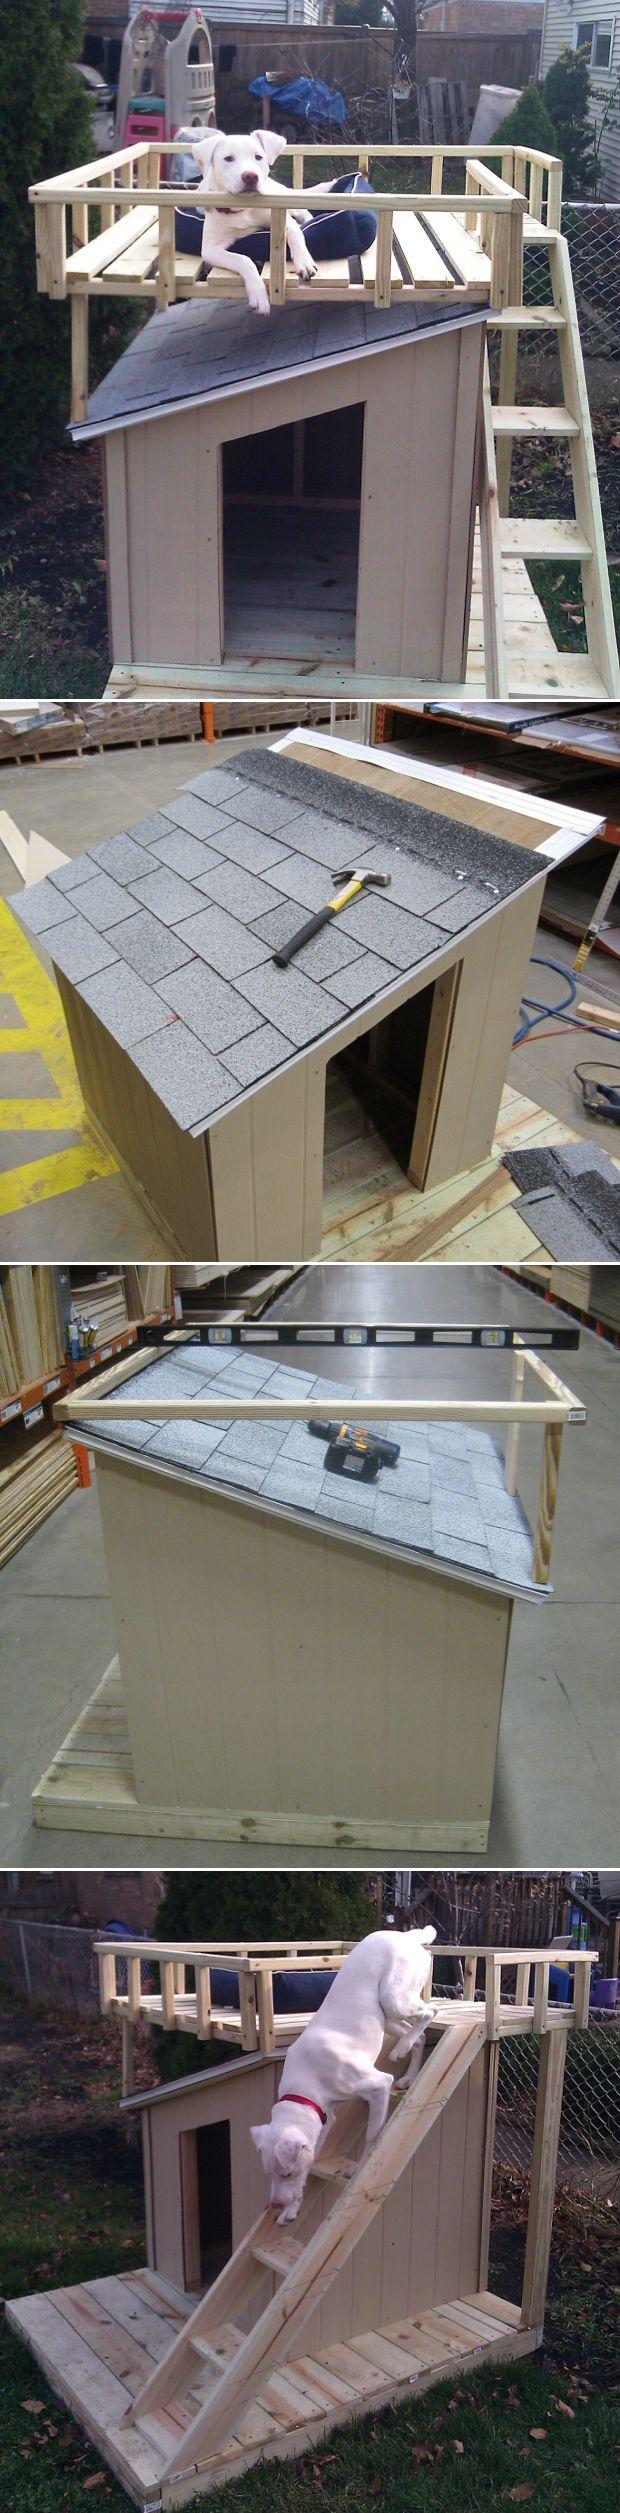 Awesome DIY Dog House.